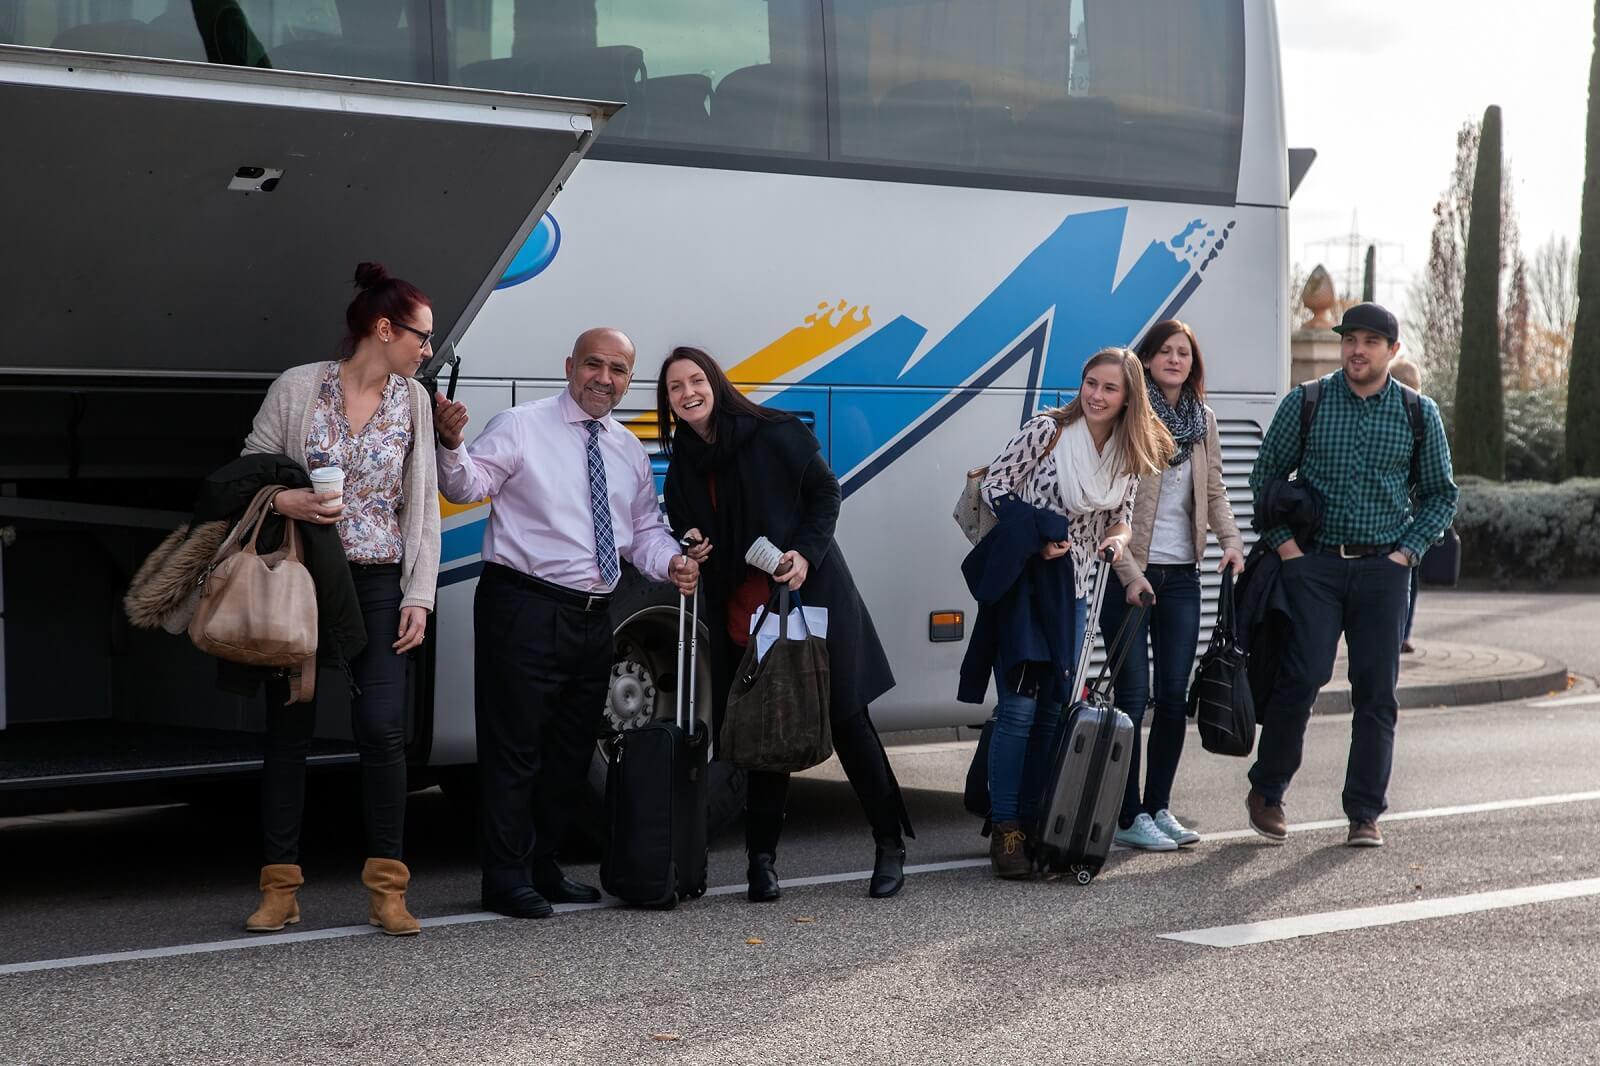 Busse für Firmen, Vereine und Schulklassen.... Busvermietung oder individuelle Komplettorganisation